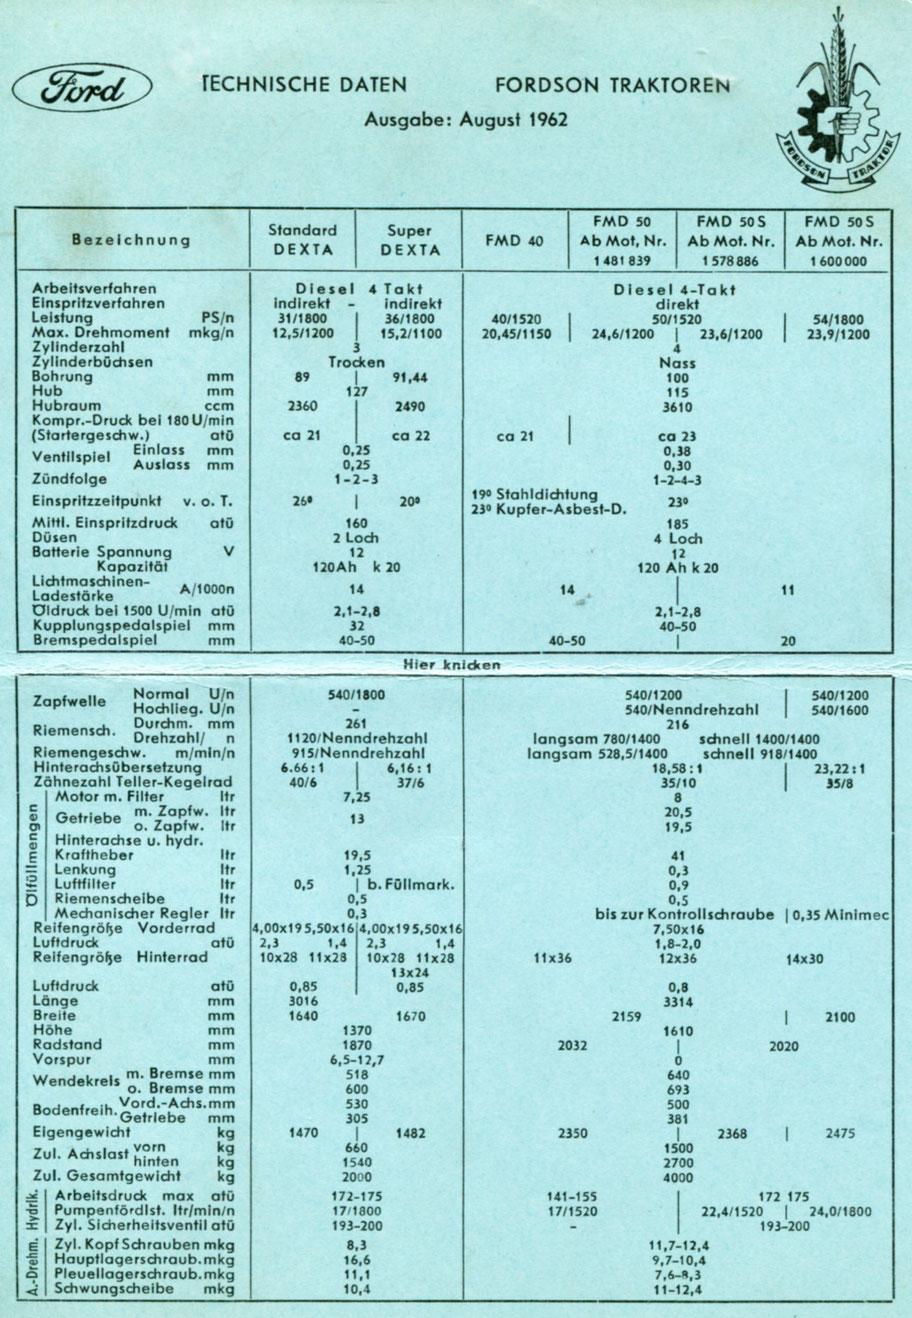 Datenblatt für Fordson Dexta und Major